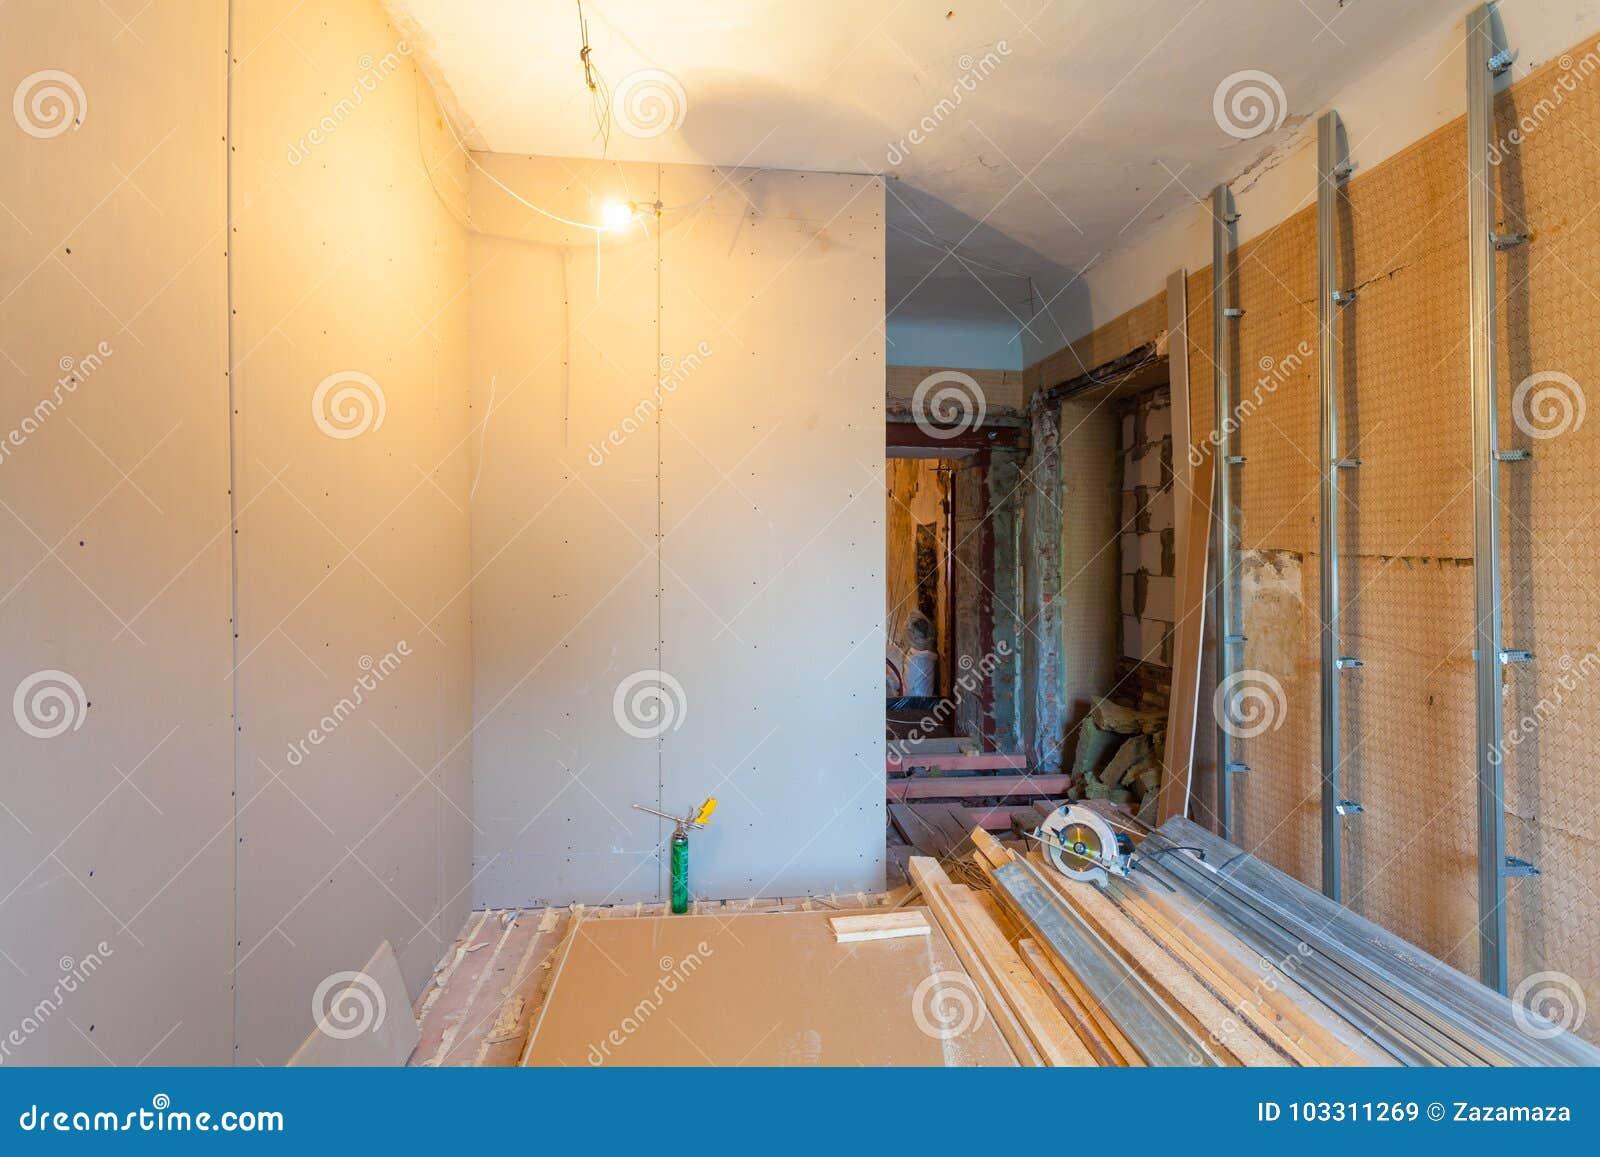 Binnenland van verbeteringsflat met materialen tijdens op het remodelleren, vernieuwing, uitbreiding, restauratie